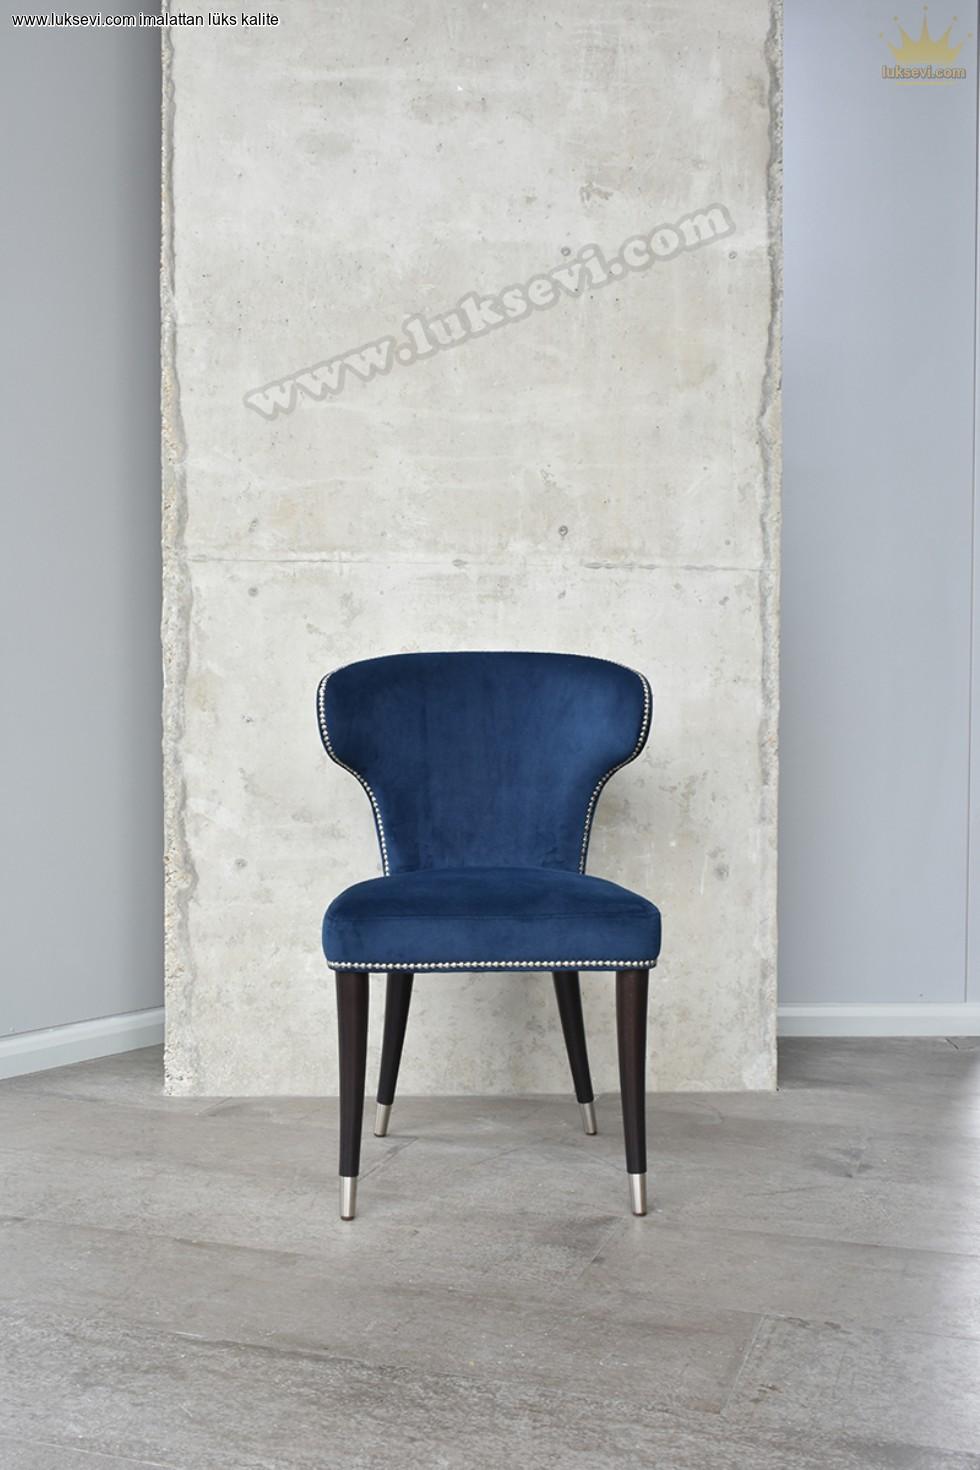 Resim No:6608 - Modern Luxury Restaurant Chair